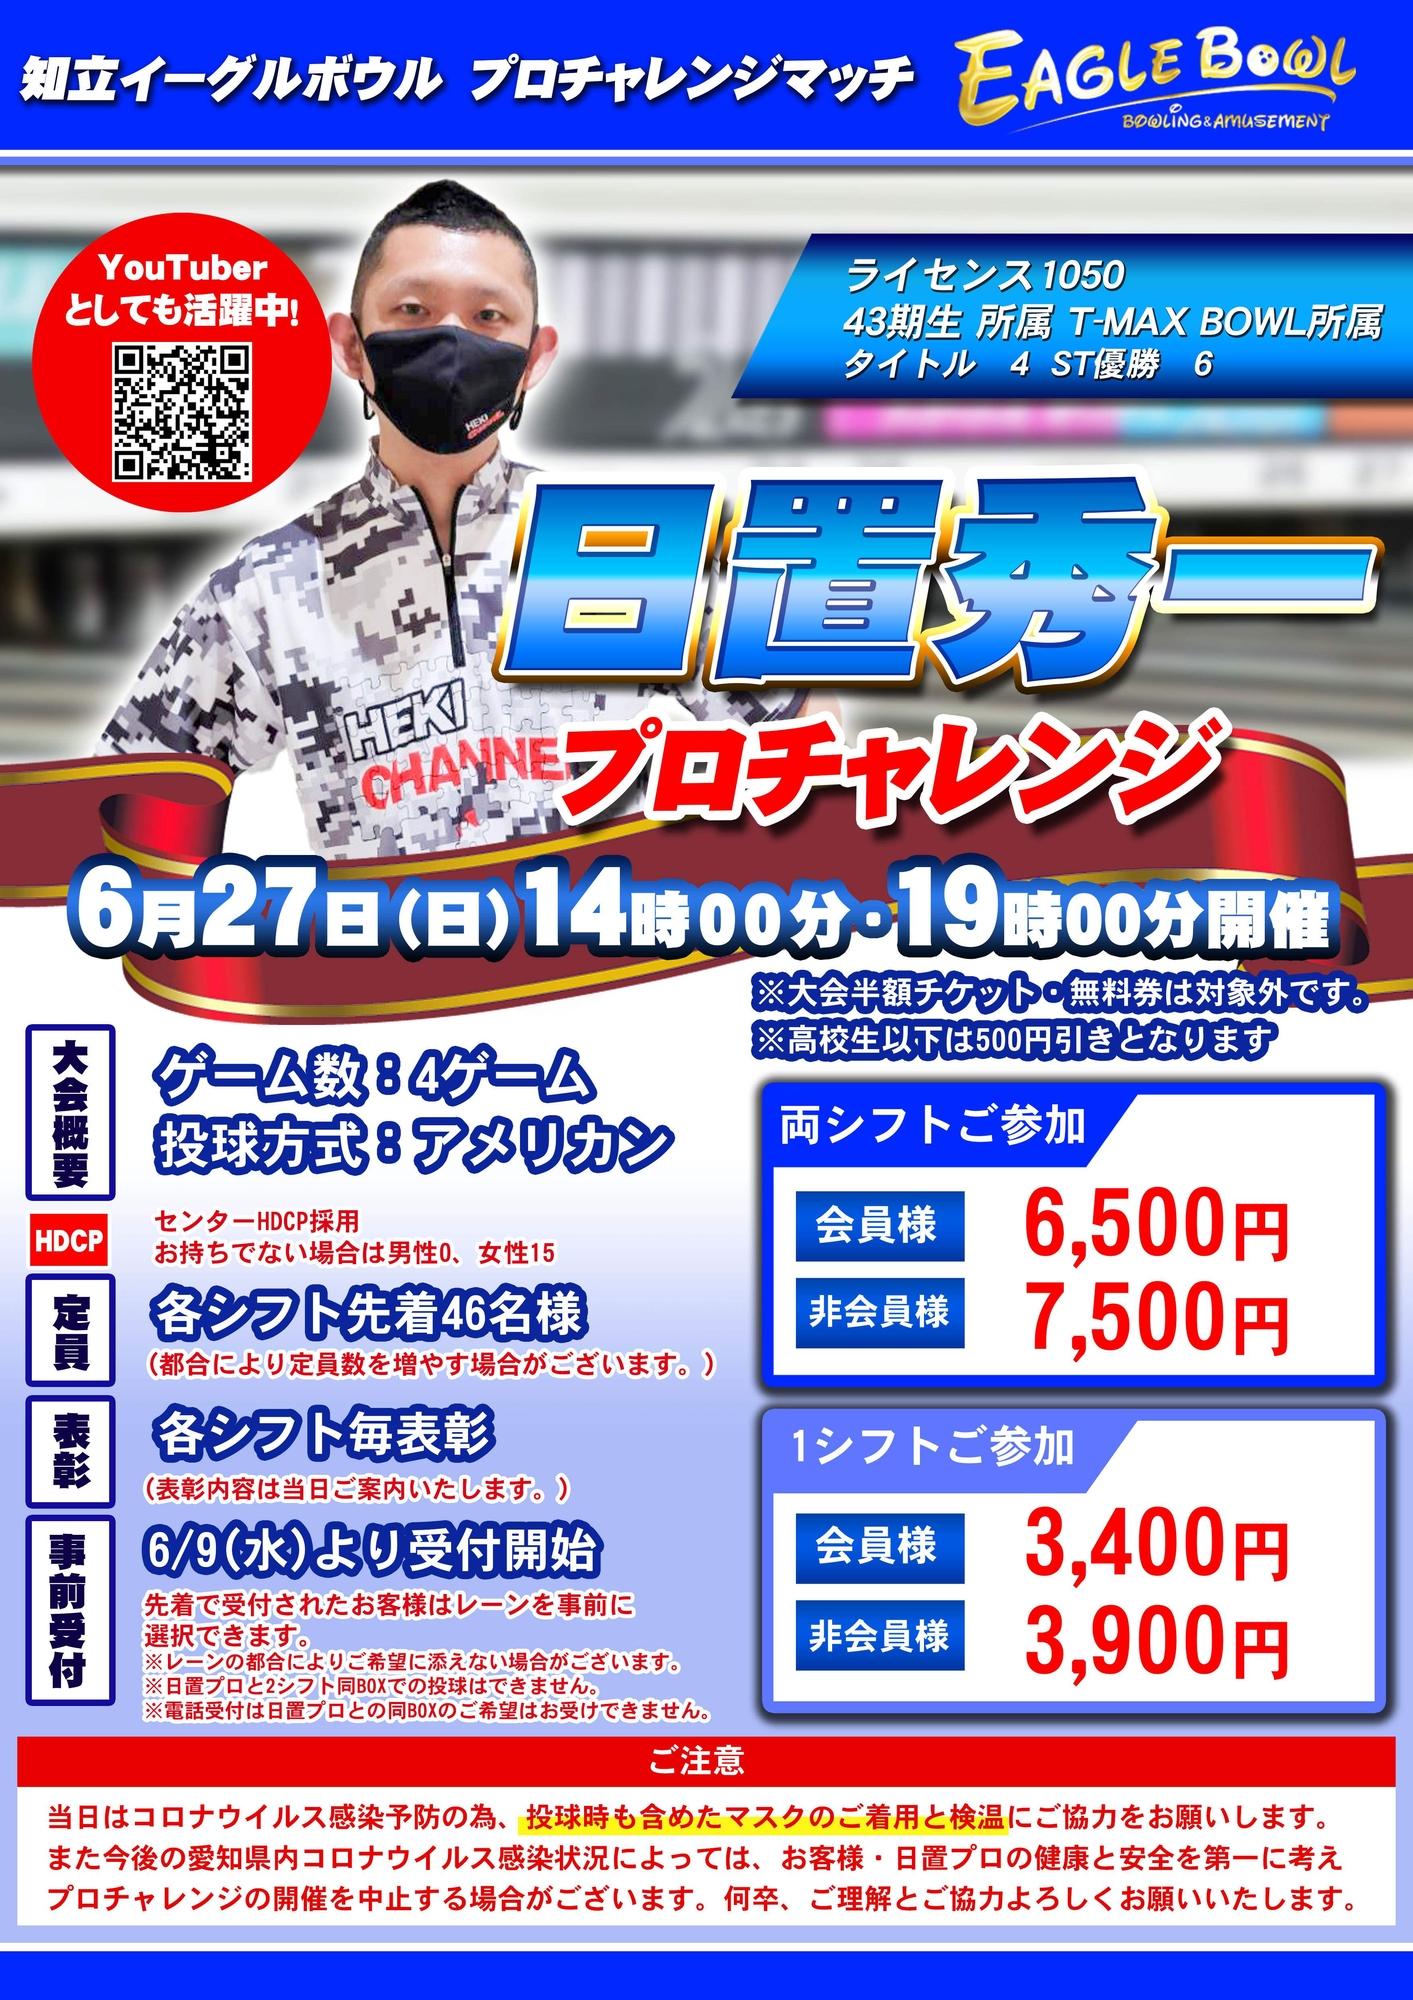 6/27 日置秀一プロチャレンジ